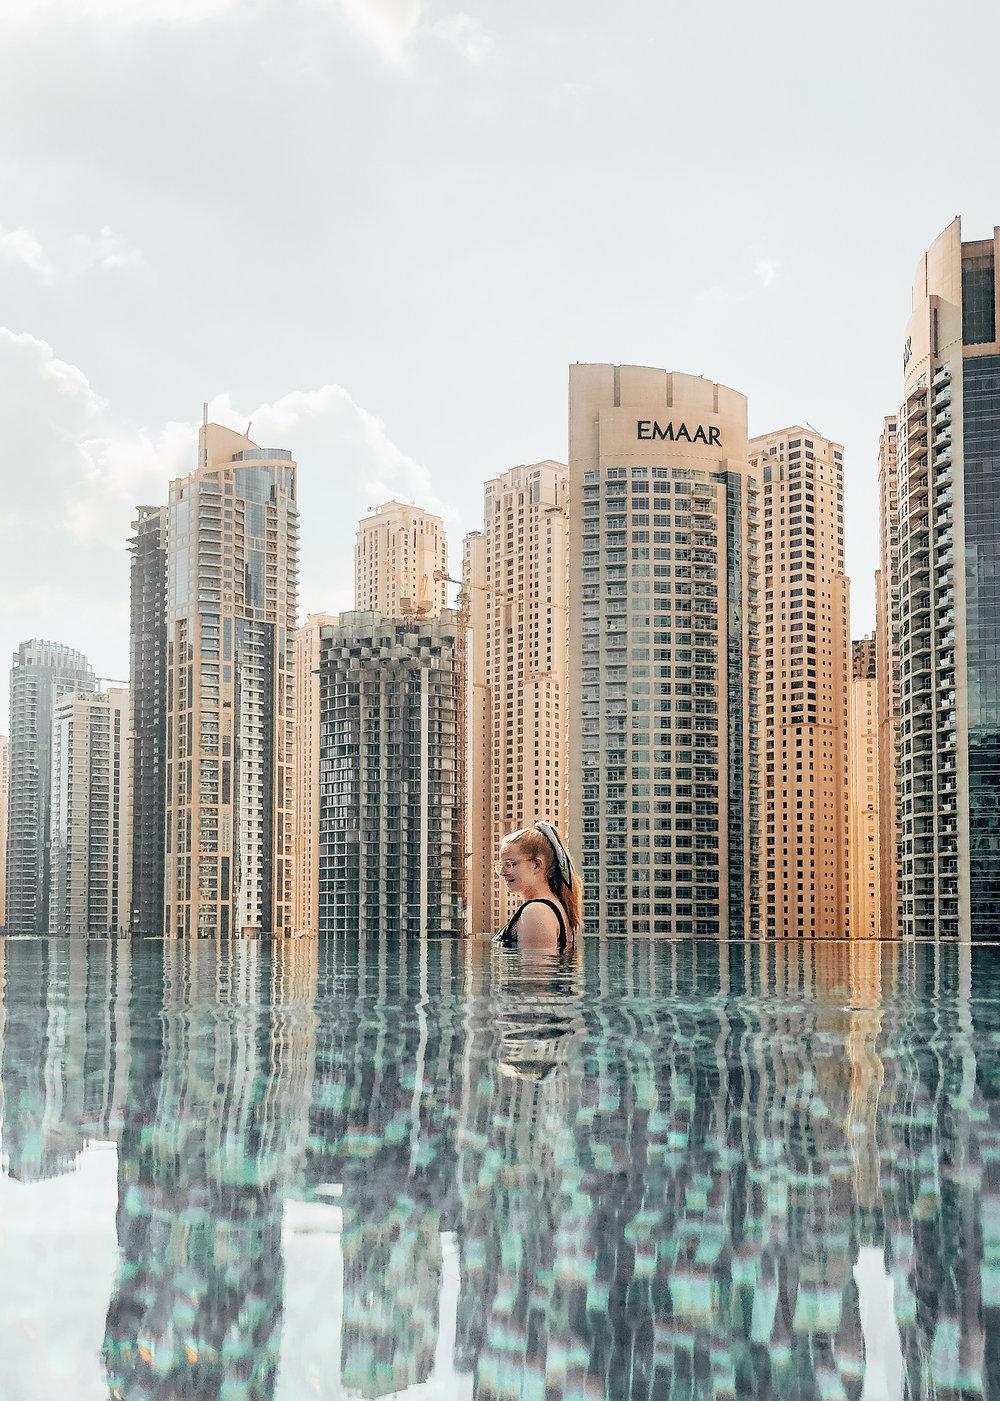 Dubai A-Ö   Dubai reseguide   Travel Guide Dubai   By Sandramaria   Sandramarias.com